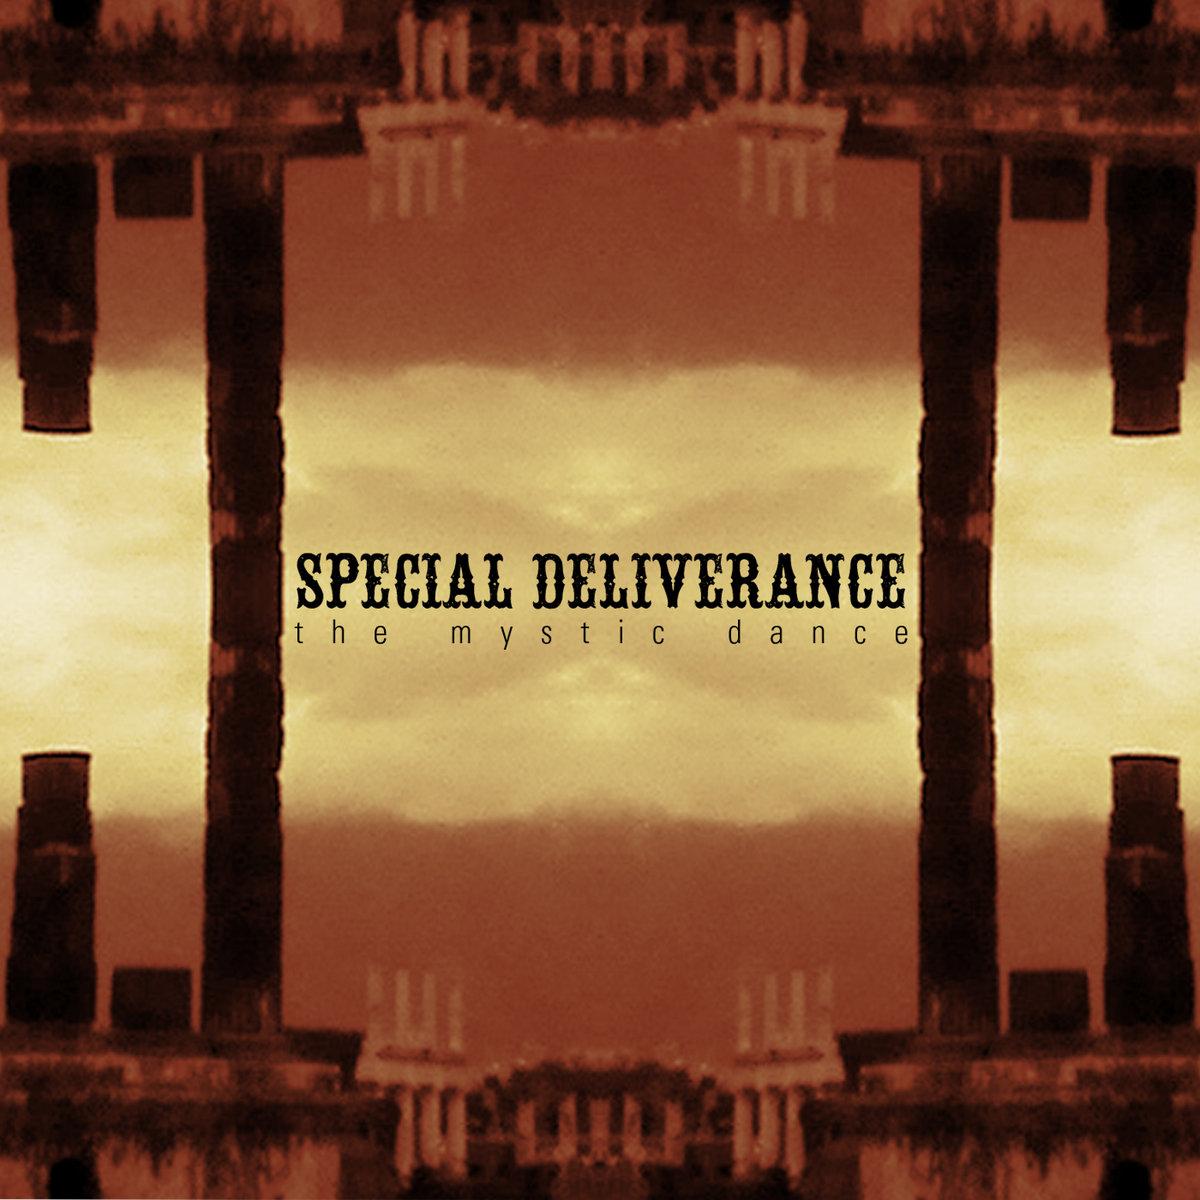 Arno Boytel's Special Deliverance